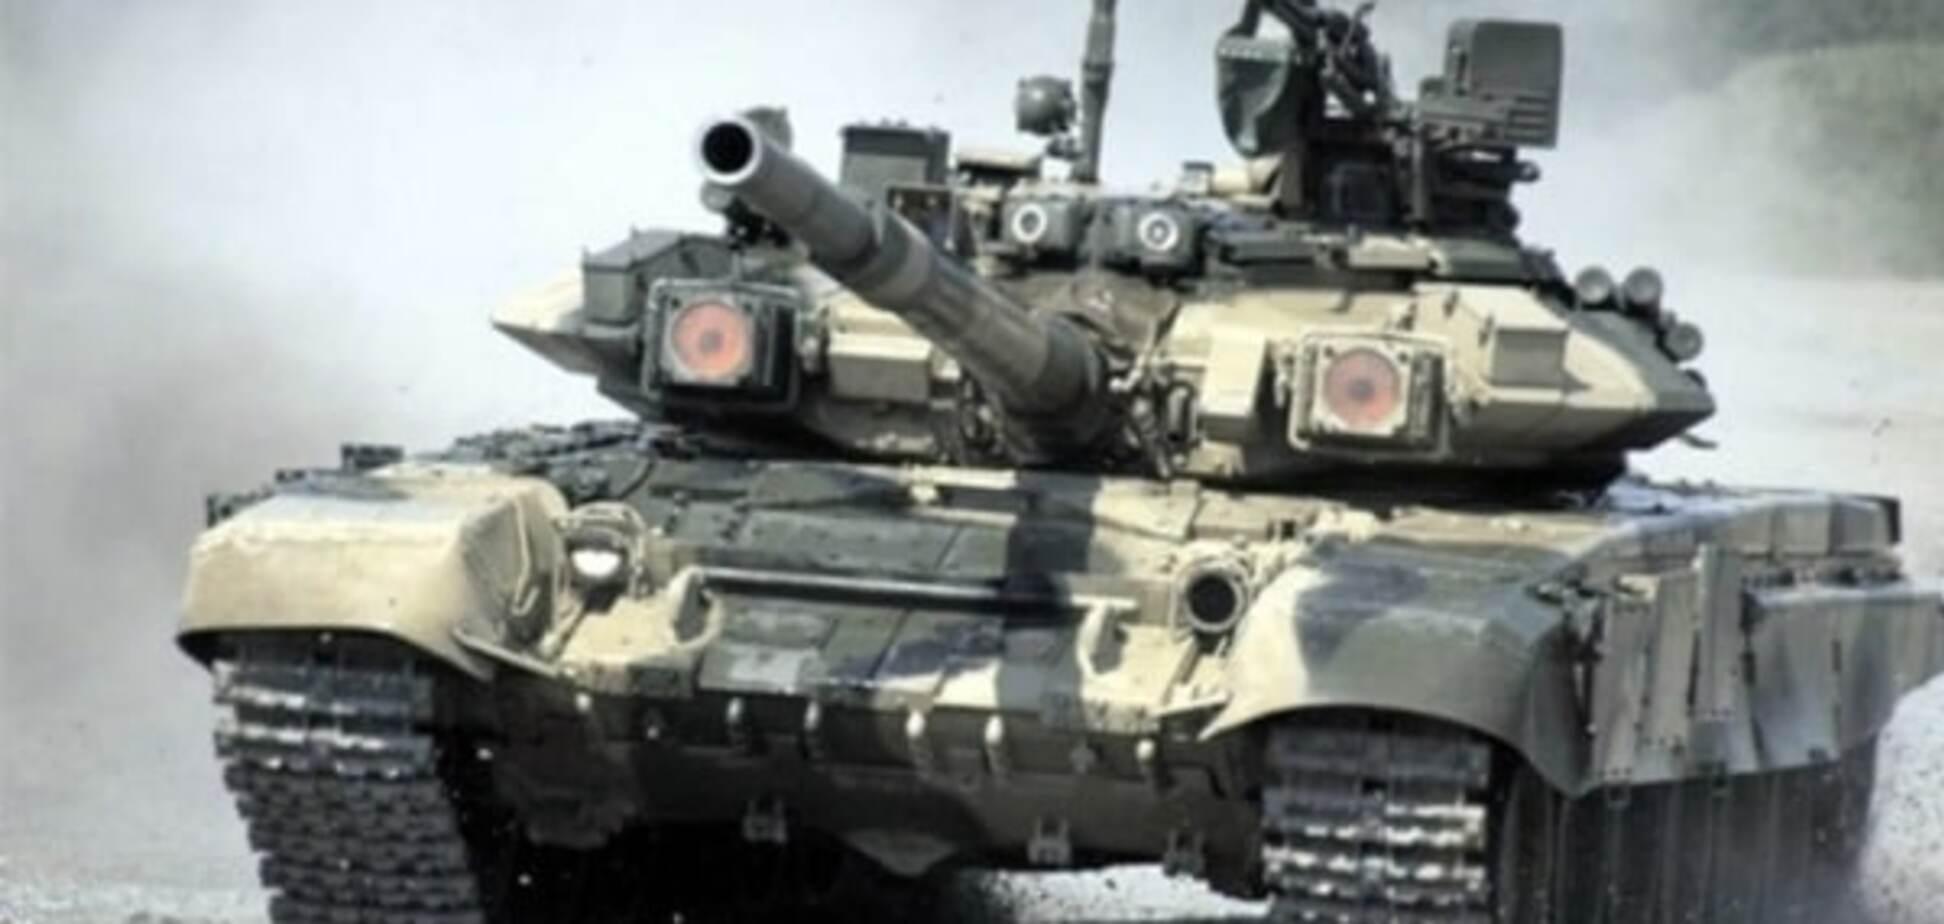 Разнесло в пух и прах: сирийские повстанцы выложили видео взрыва российского танка Т-90